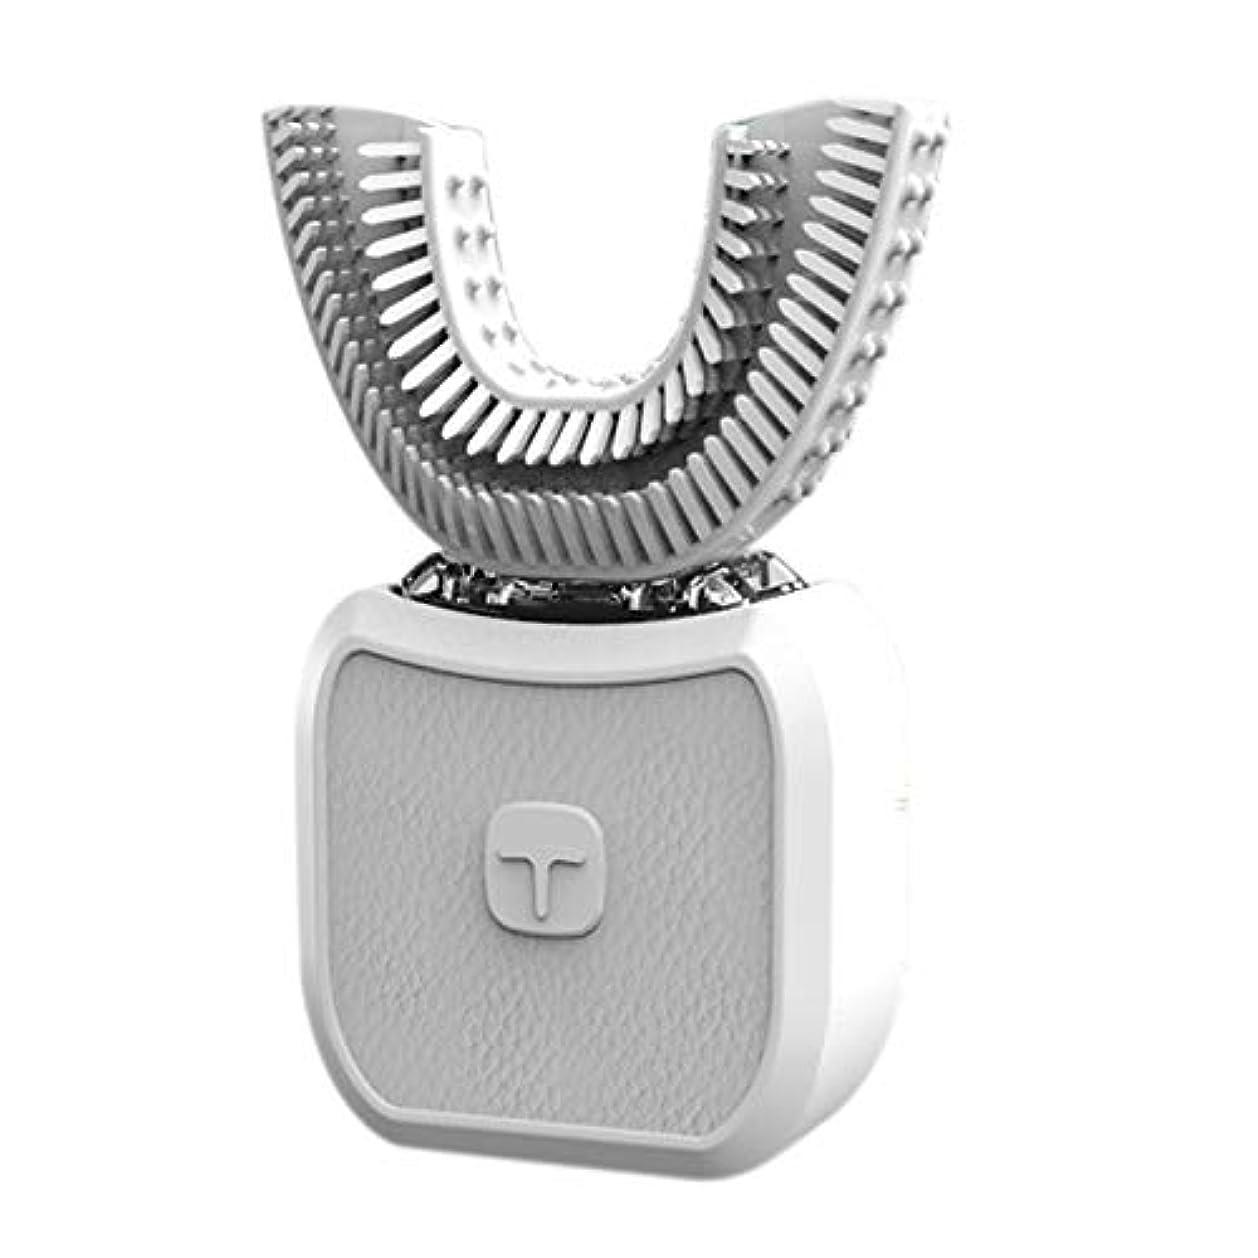 開拓者編集する協力的フルオートマチック可変周波数電動歯ブラシ、自動360度U字型電動歯ブラシ、ワイヤレス充電IPX7防水自動歯ブラシ(大人用),White